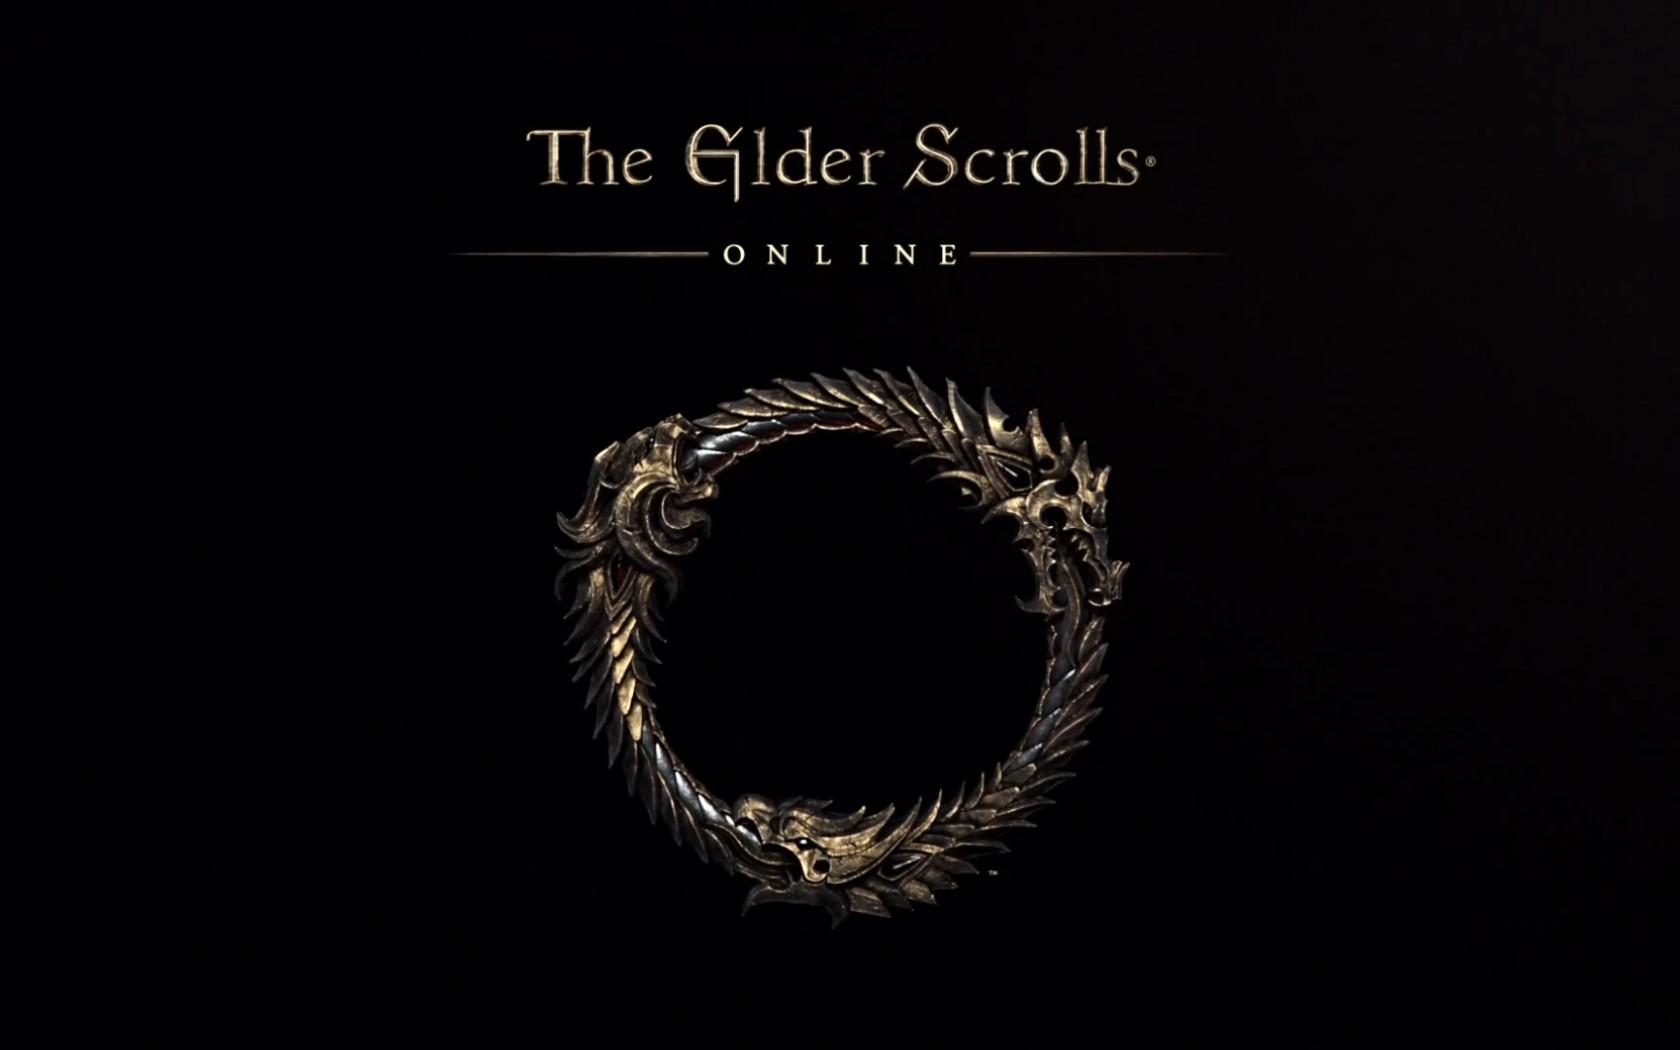 Обои The Elder Scrolls Online: Логотип